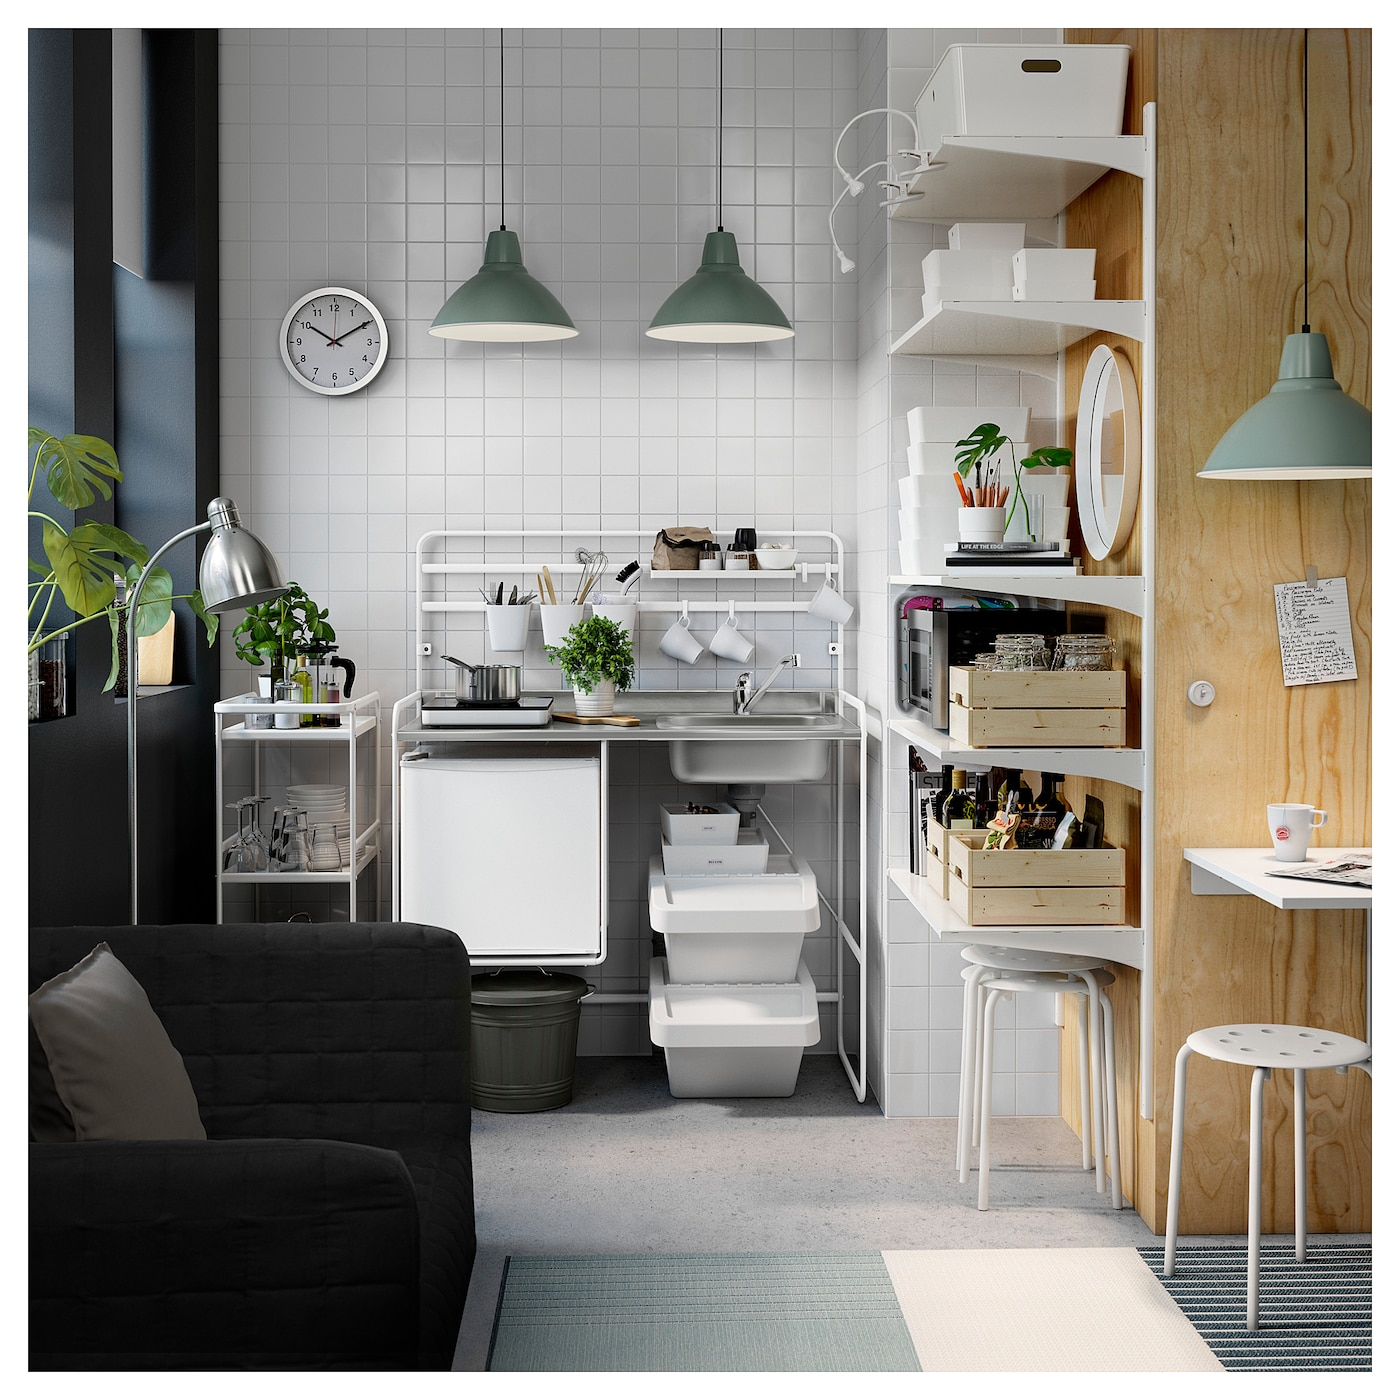 Full Size of Sunnersta Minikche Hier Kaufen Ikea Sterreich Modulküche Küche Kosten Betten 160x200 Bei Sofa Mit Schlaffunktion Miniküche Wohnzimmer Ikea Miniküchen